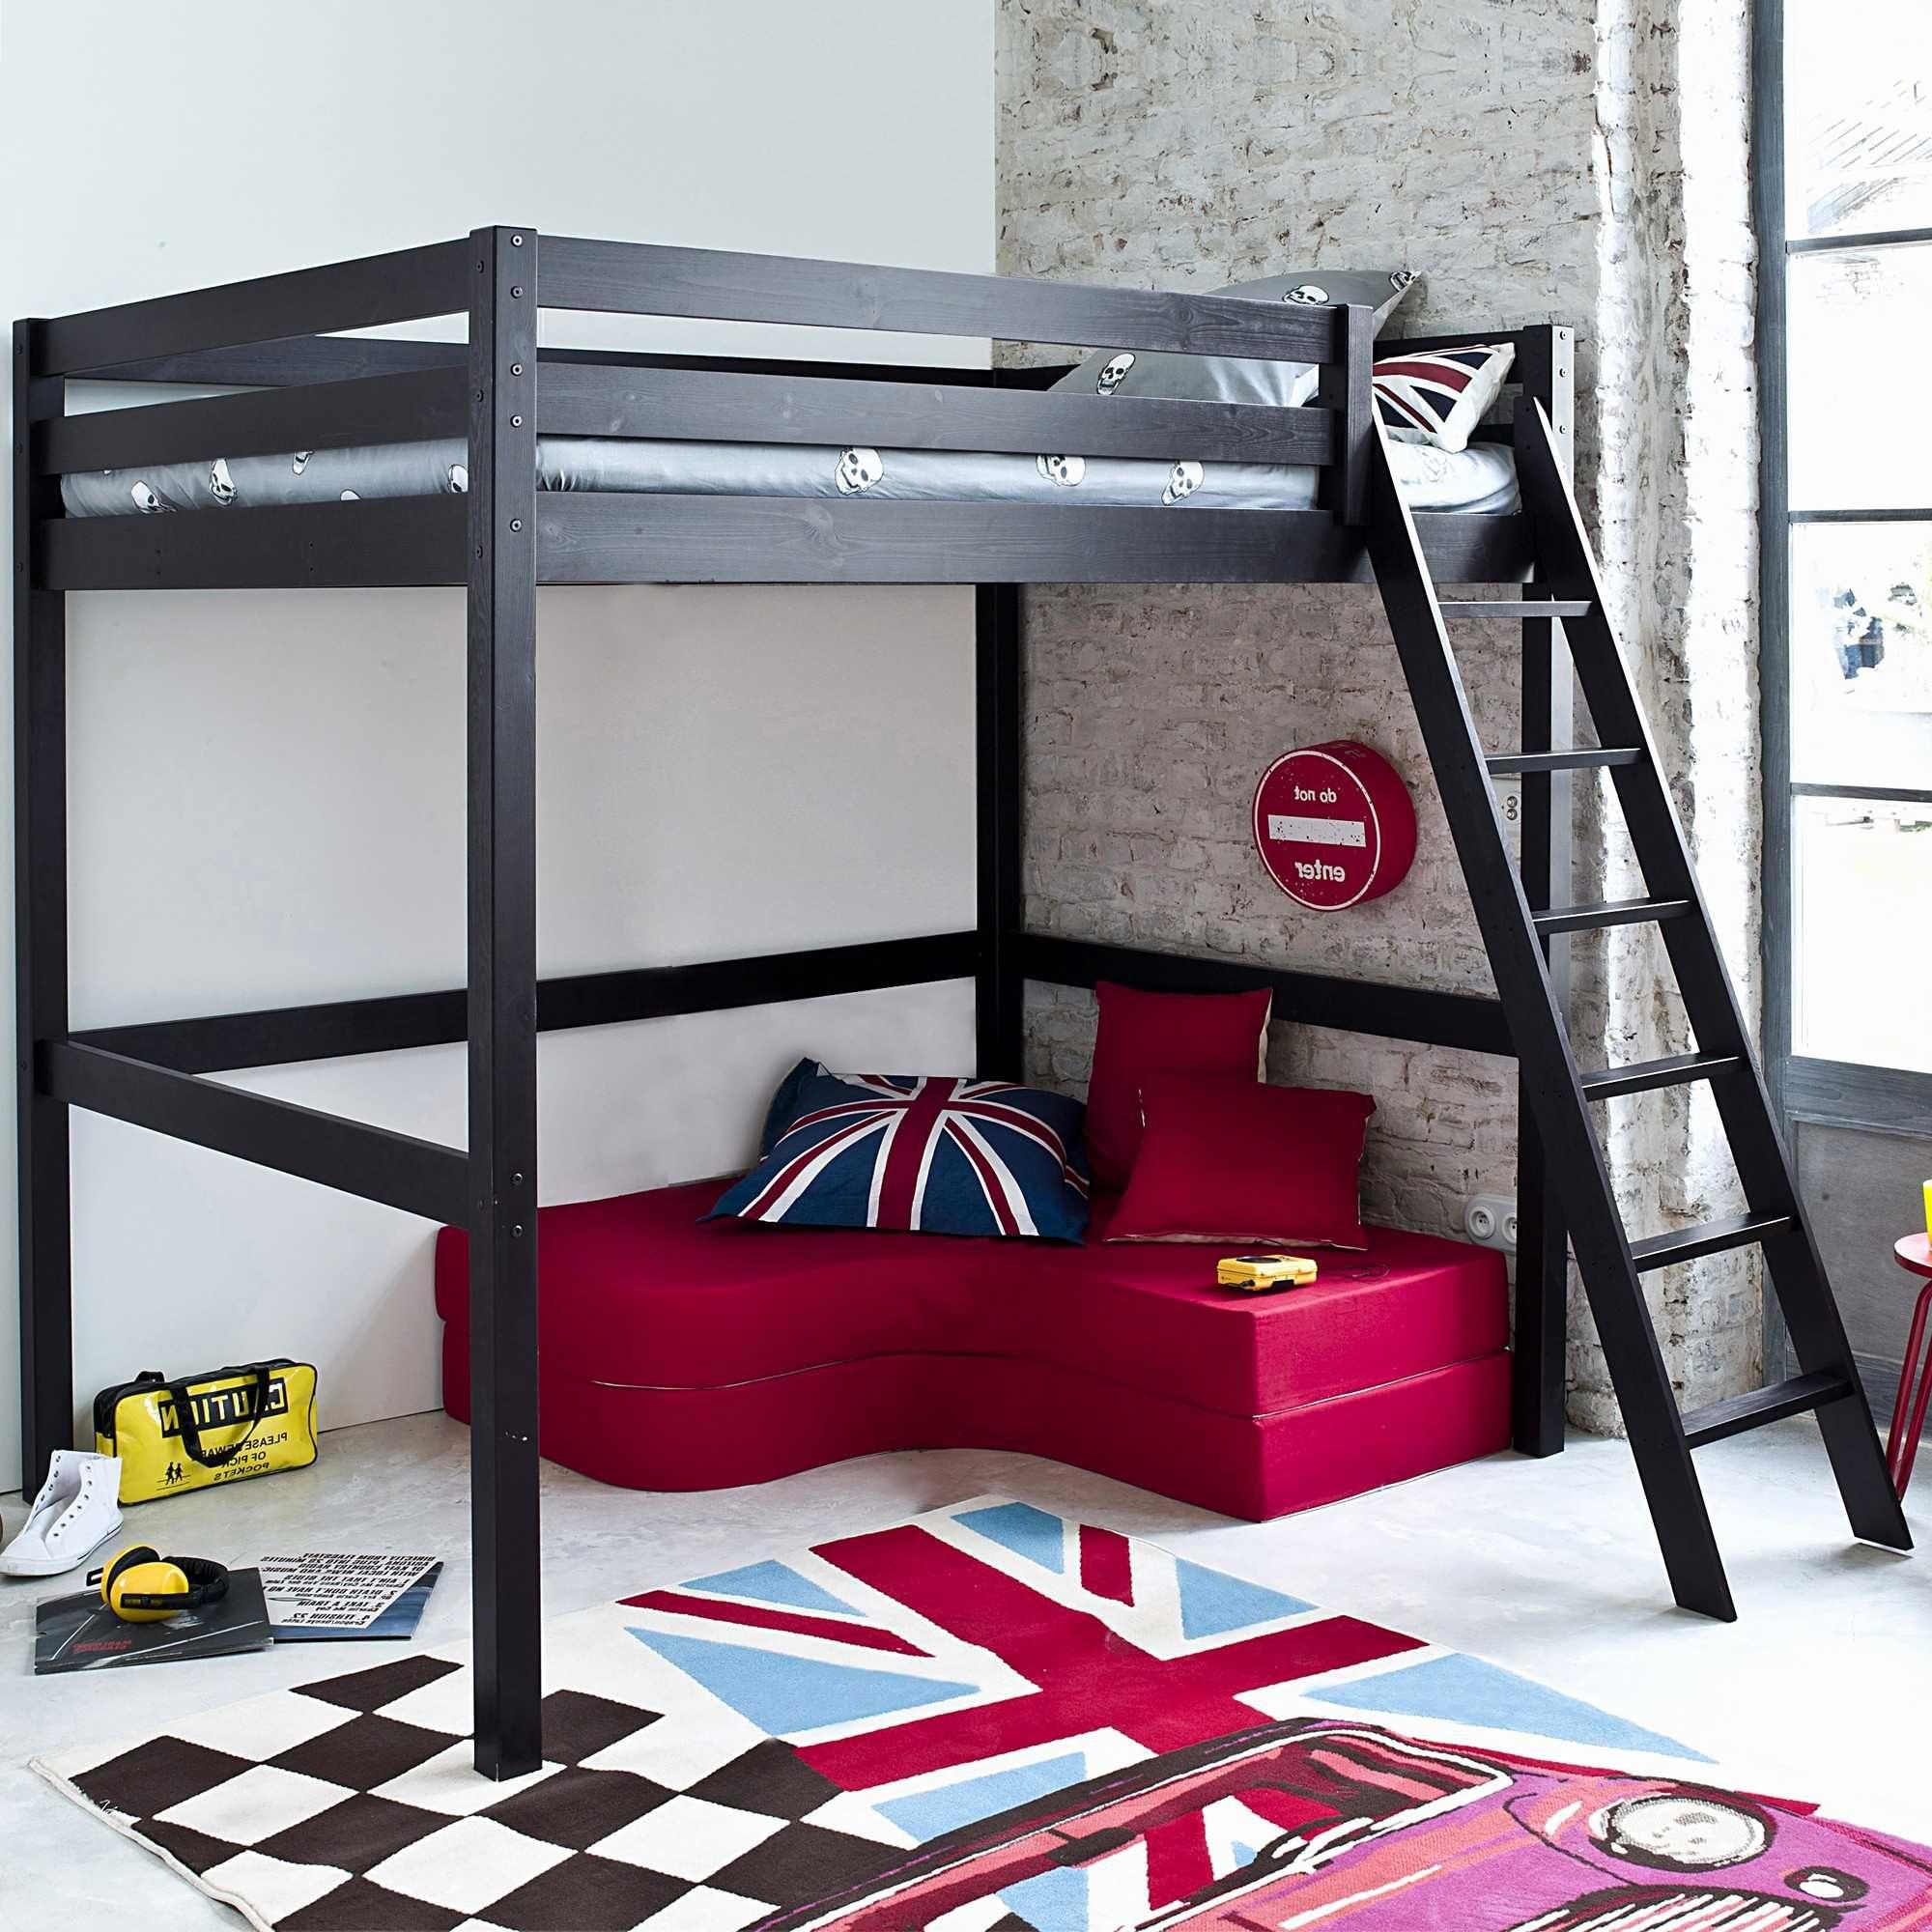 Lit Superposé Deux Places Le Luxe Séduisant Chambre Enfant Lit Superposé Ou Lit Biné Armoire Fresh Lit